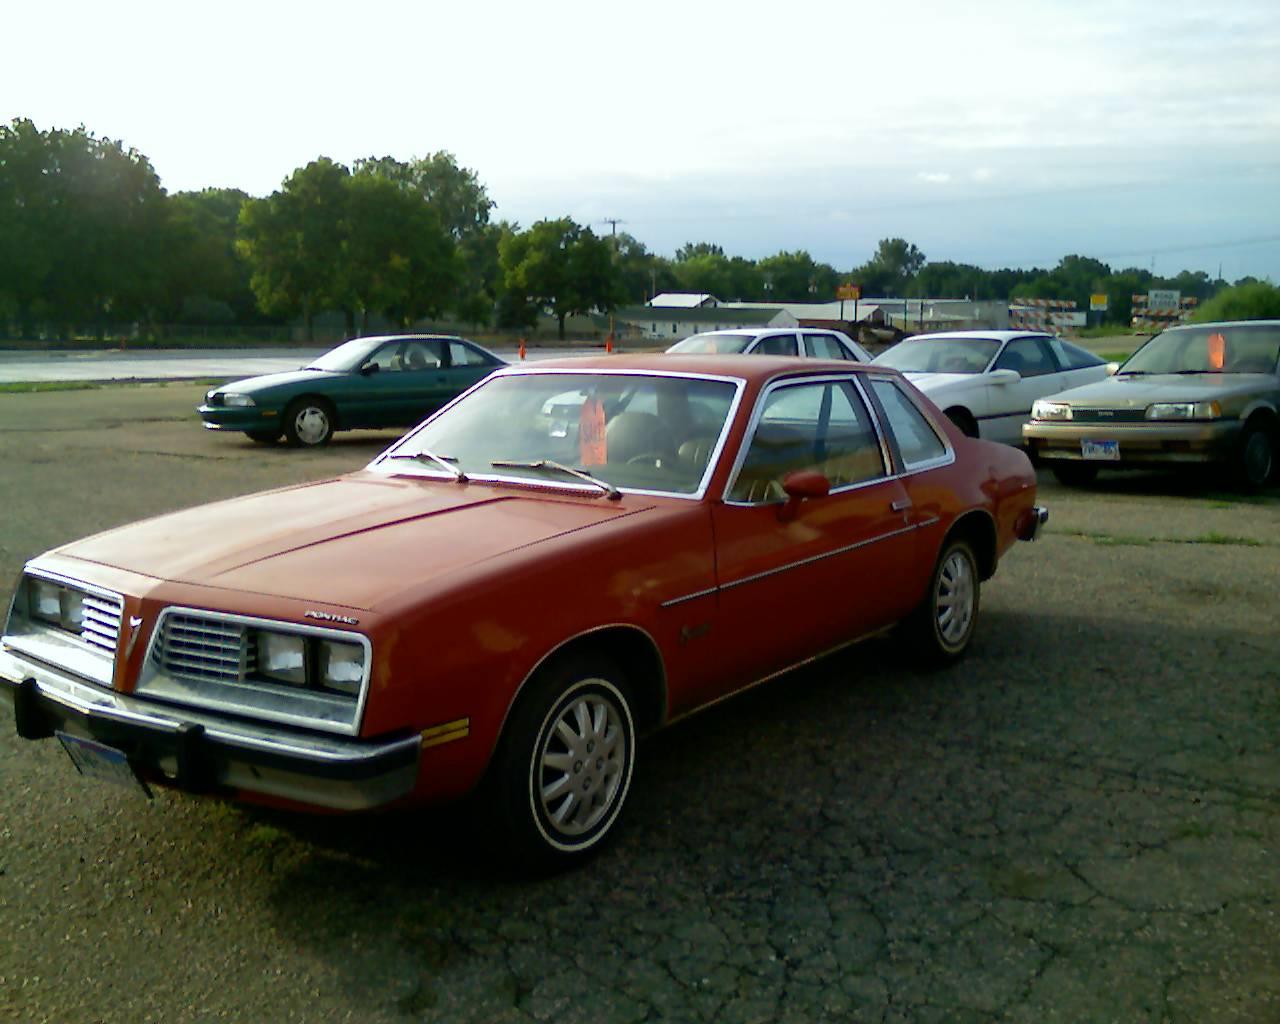 1980 Pontiac Sunbird picture, exterior